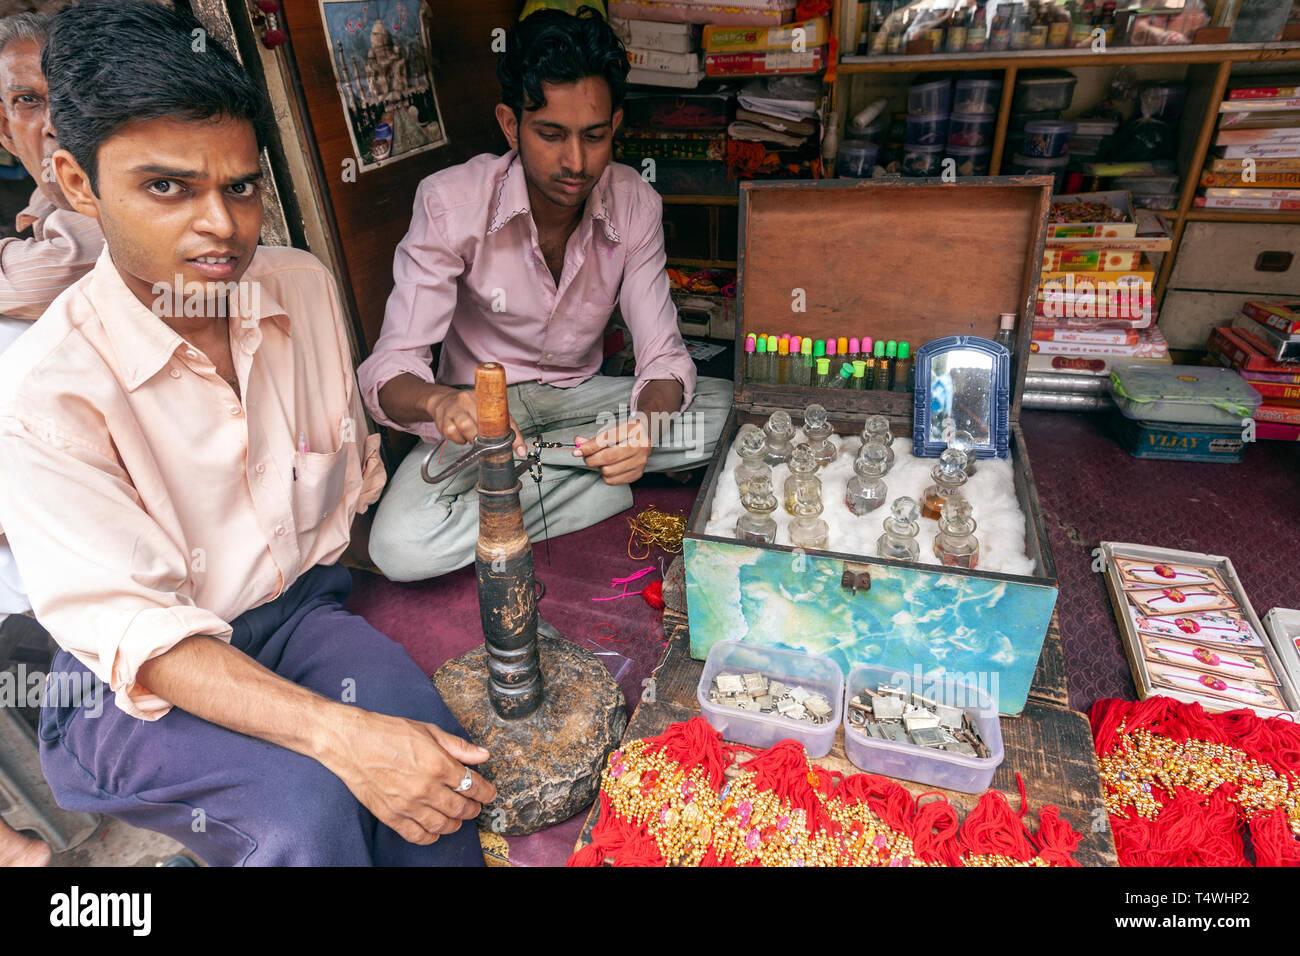 Junge Anbieter in ein Parfum und Essenz Arbeitsplatz in Bundi Markt, Bundi, Rajasthan, Indien. Stockbild